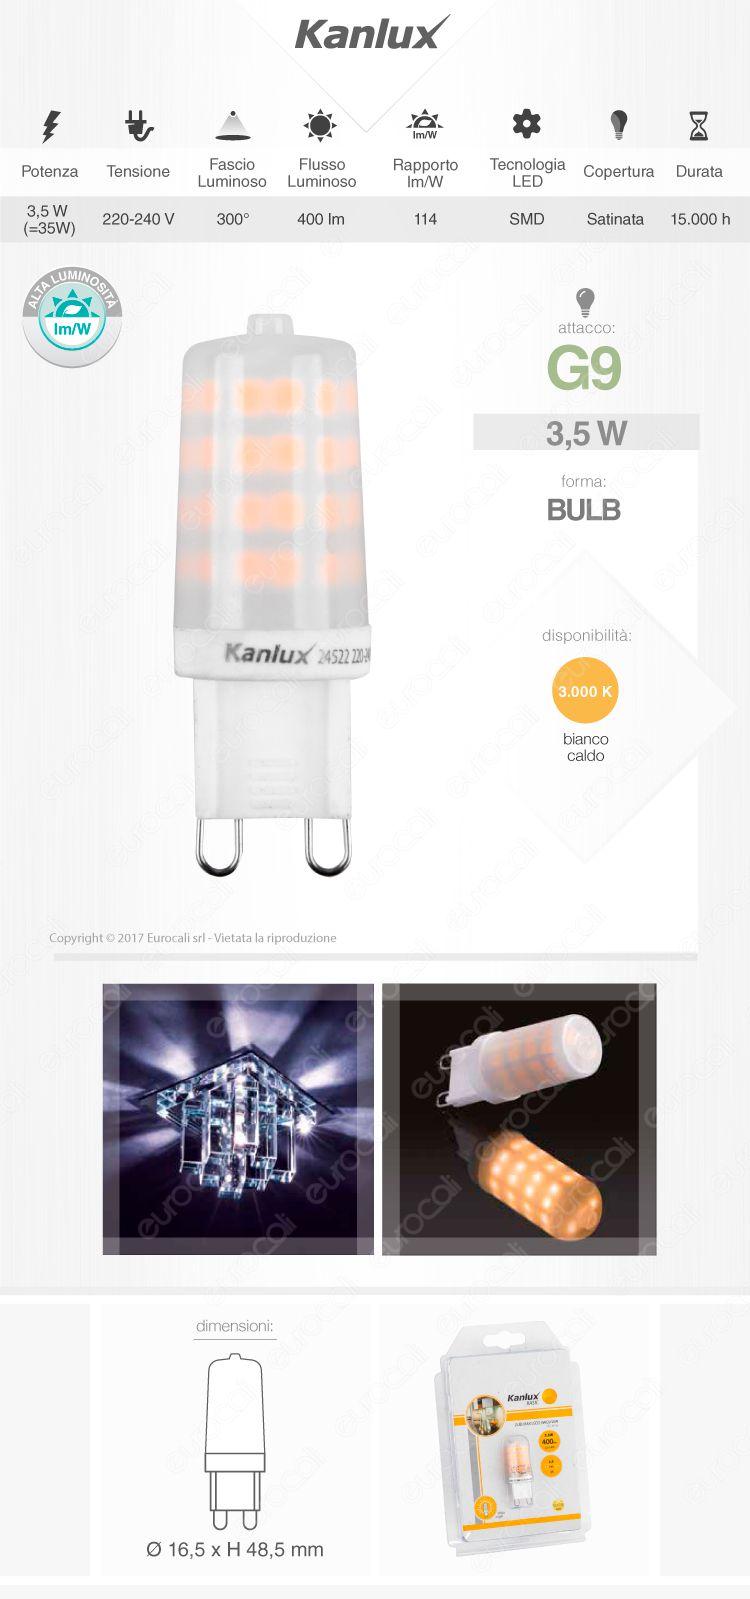 Lampadina led g9 3 5w bulb kanlux zubi for Lampadine g9 led